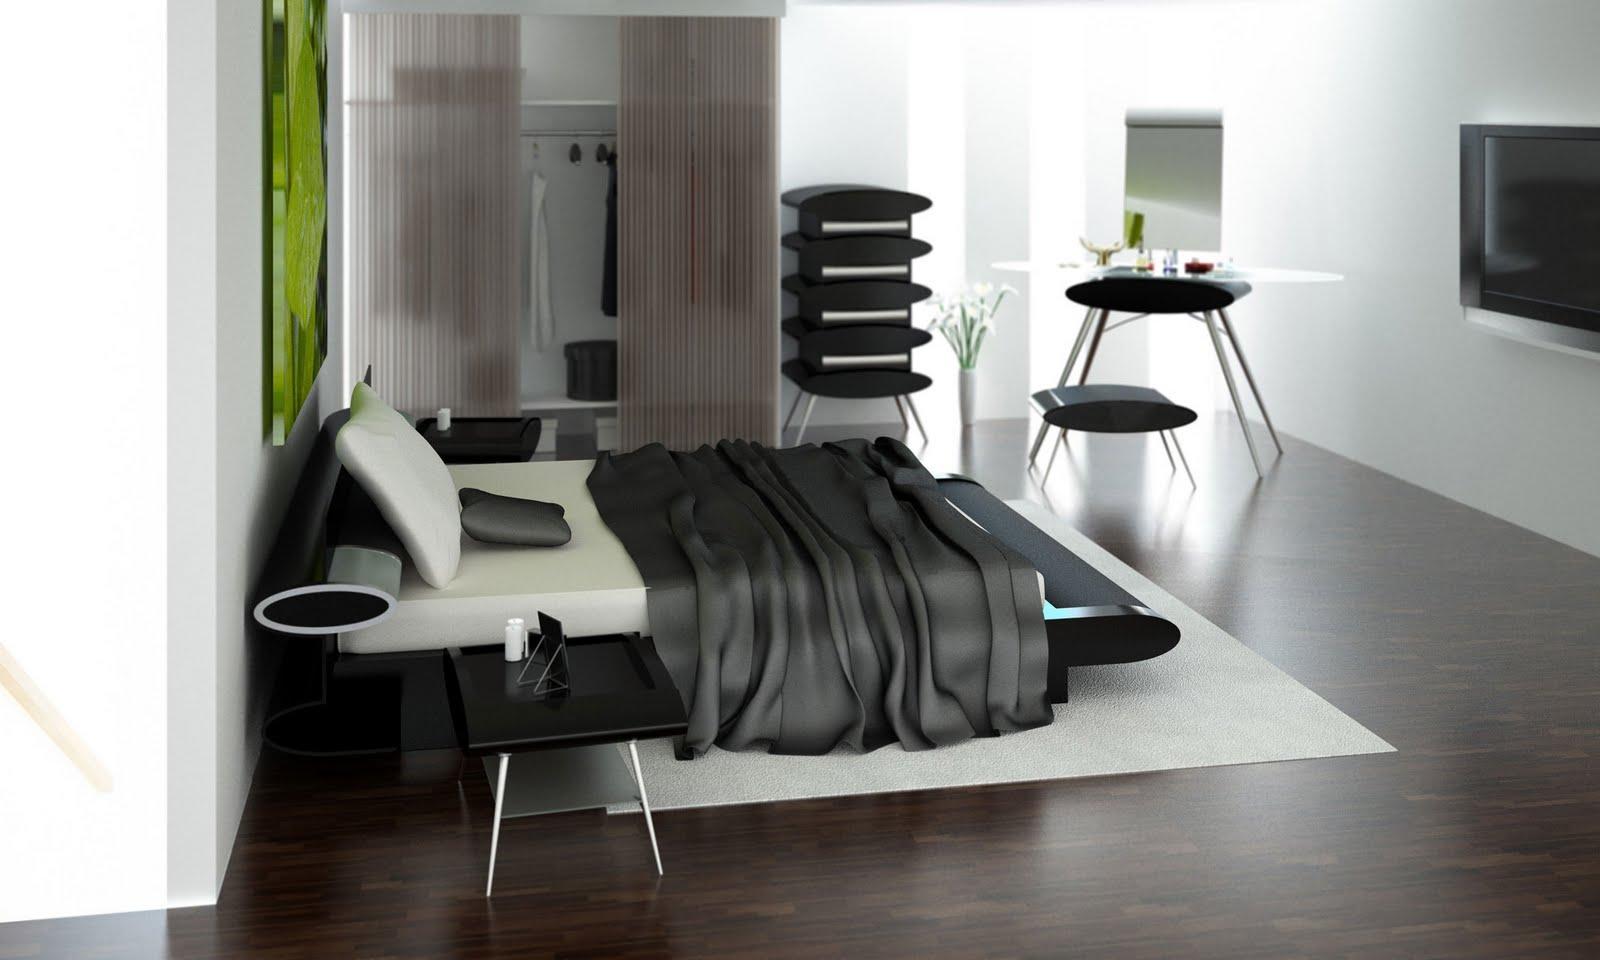 Design Classic Interior 2012: Modern and Elegant Bedrooms